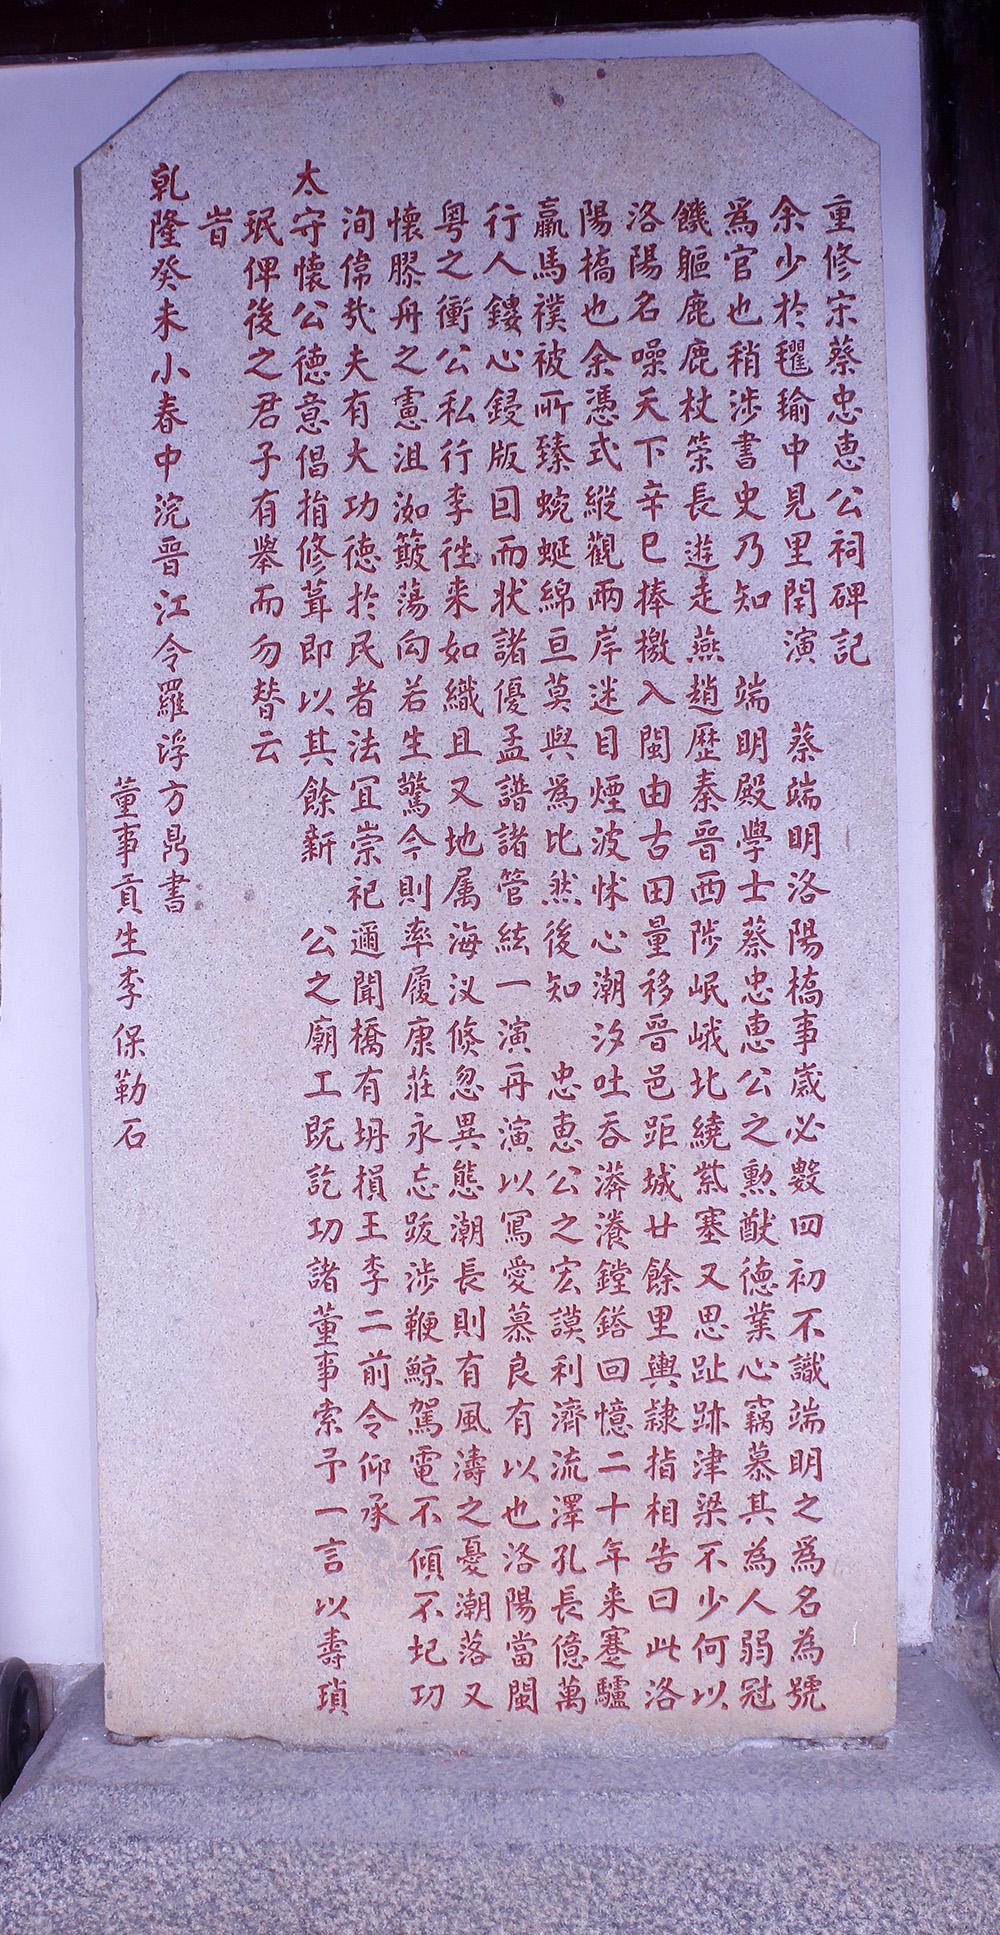 清 方鼎《重修蔡忠惠公祠碑记》 缩图